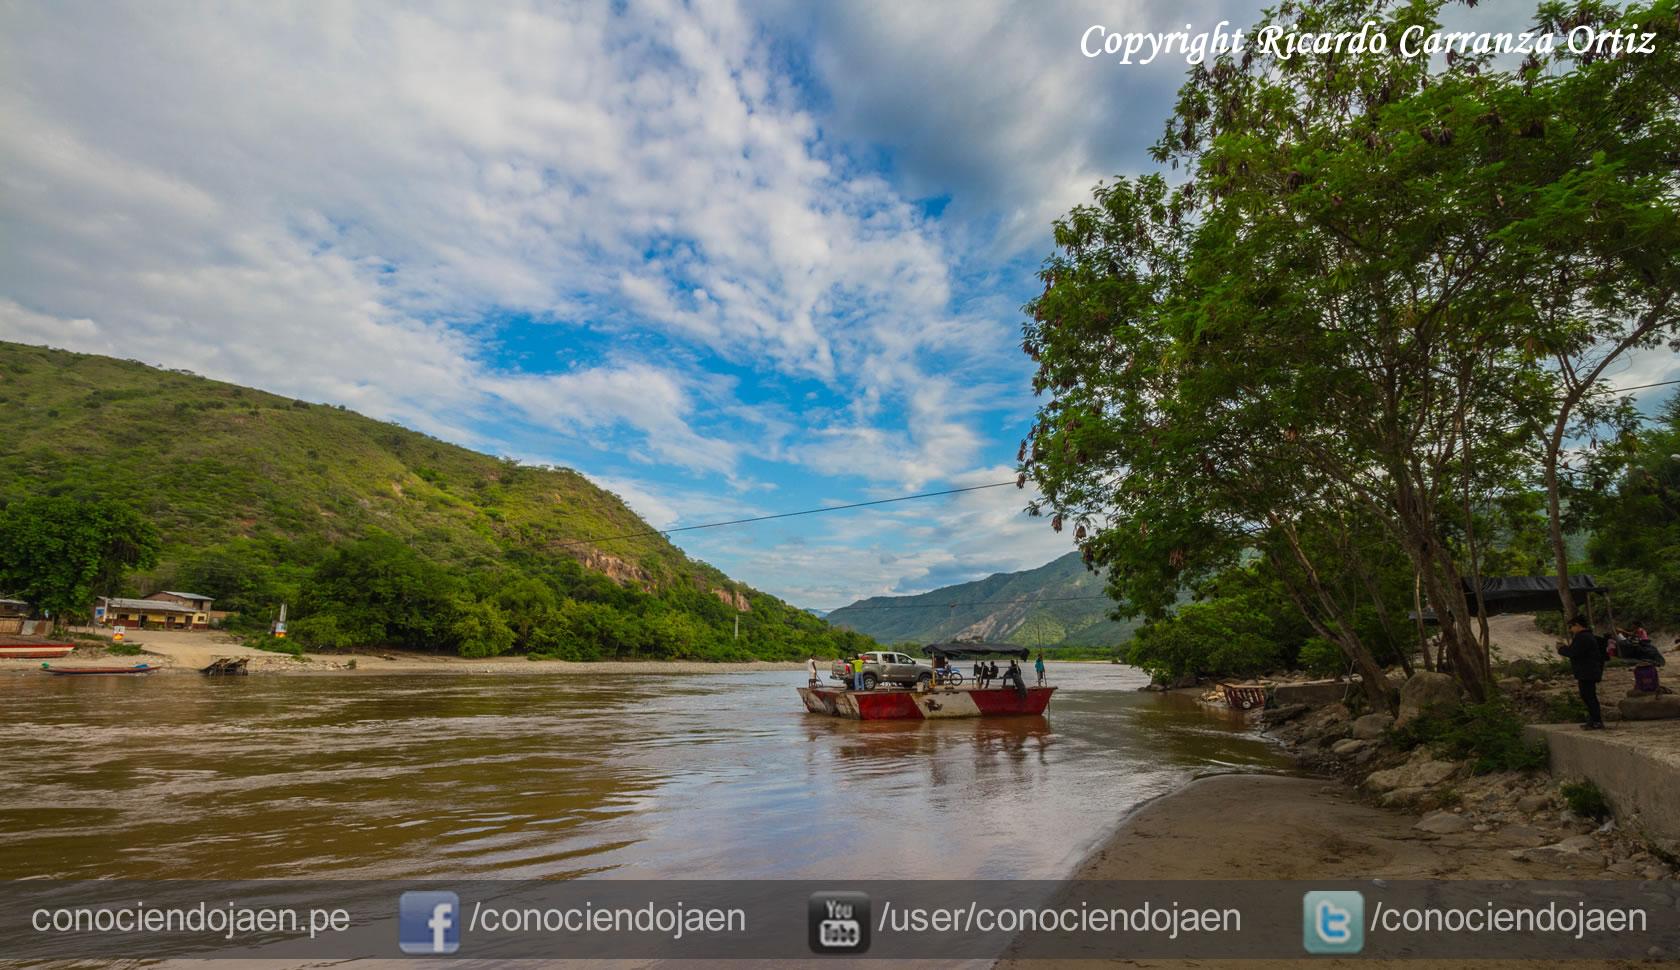 Puerto Huallape Balsas cautivas sobre el río Chinchipe